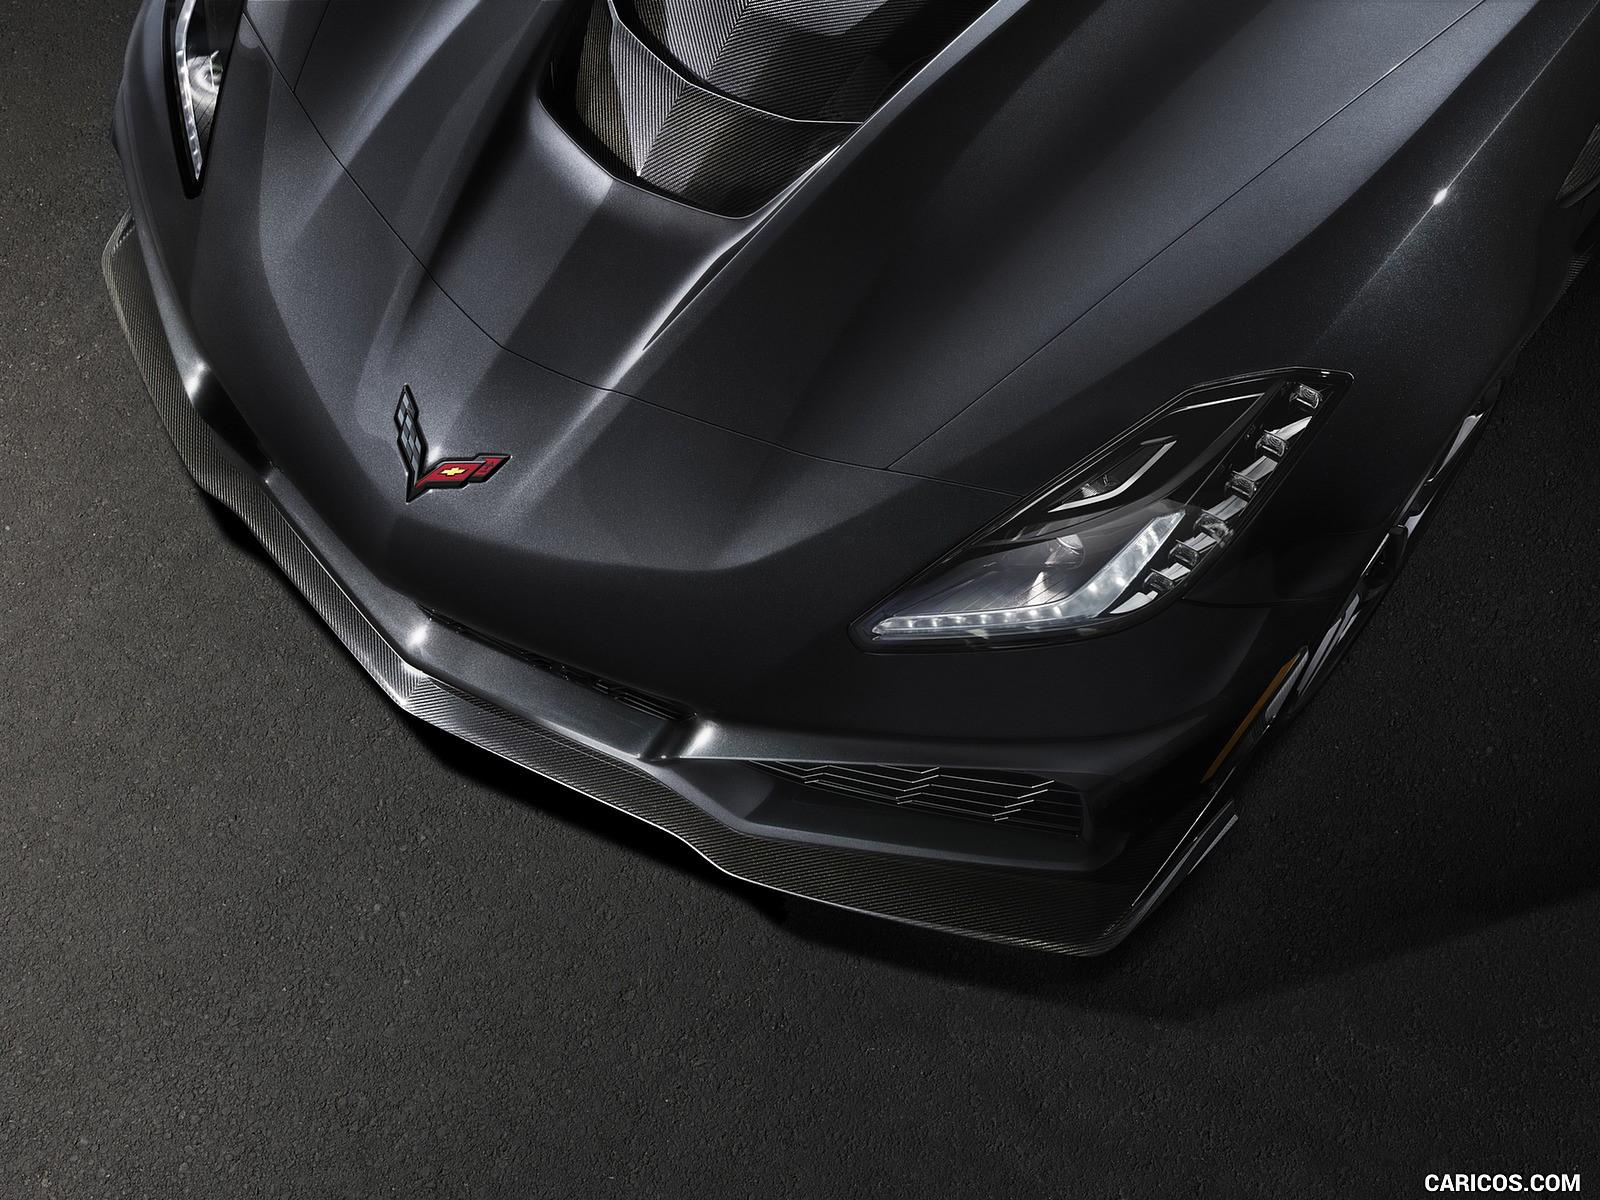 2019 Chevrolet Corvette ZR1 black